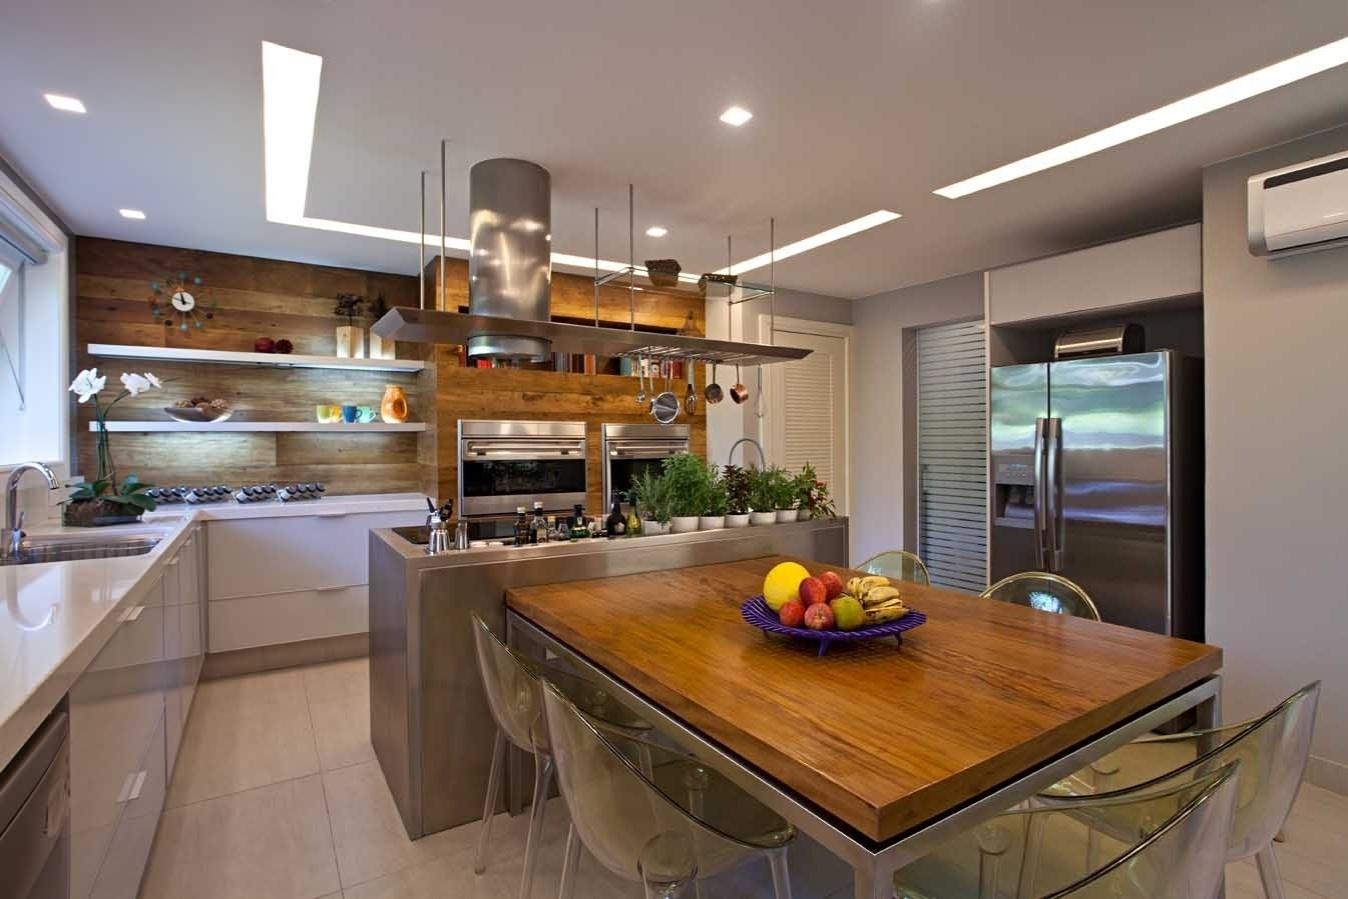 A arquiteta Andrea Chicharo criou um projeto de cozinha em que o cozinheiro permanece no centro do ambiente e a mesa de refeições sai da própria bancada de trabalho em aço escovado. Assim, a interação é inevitável